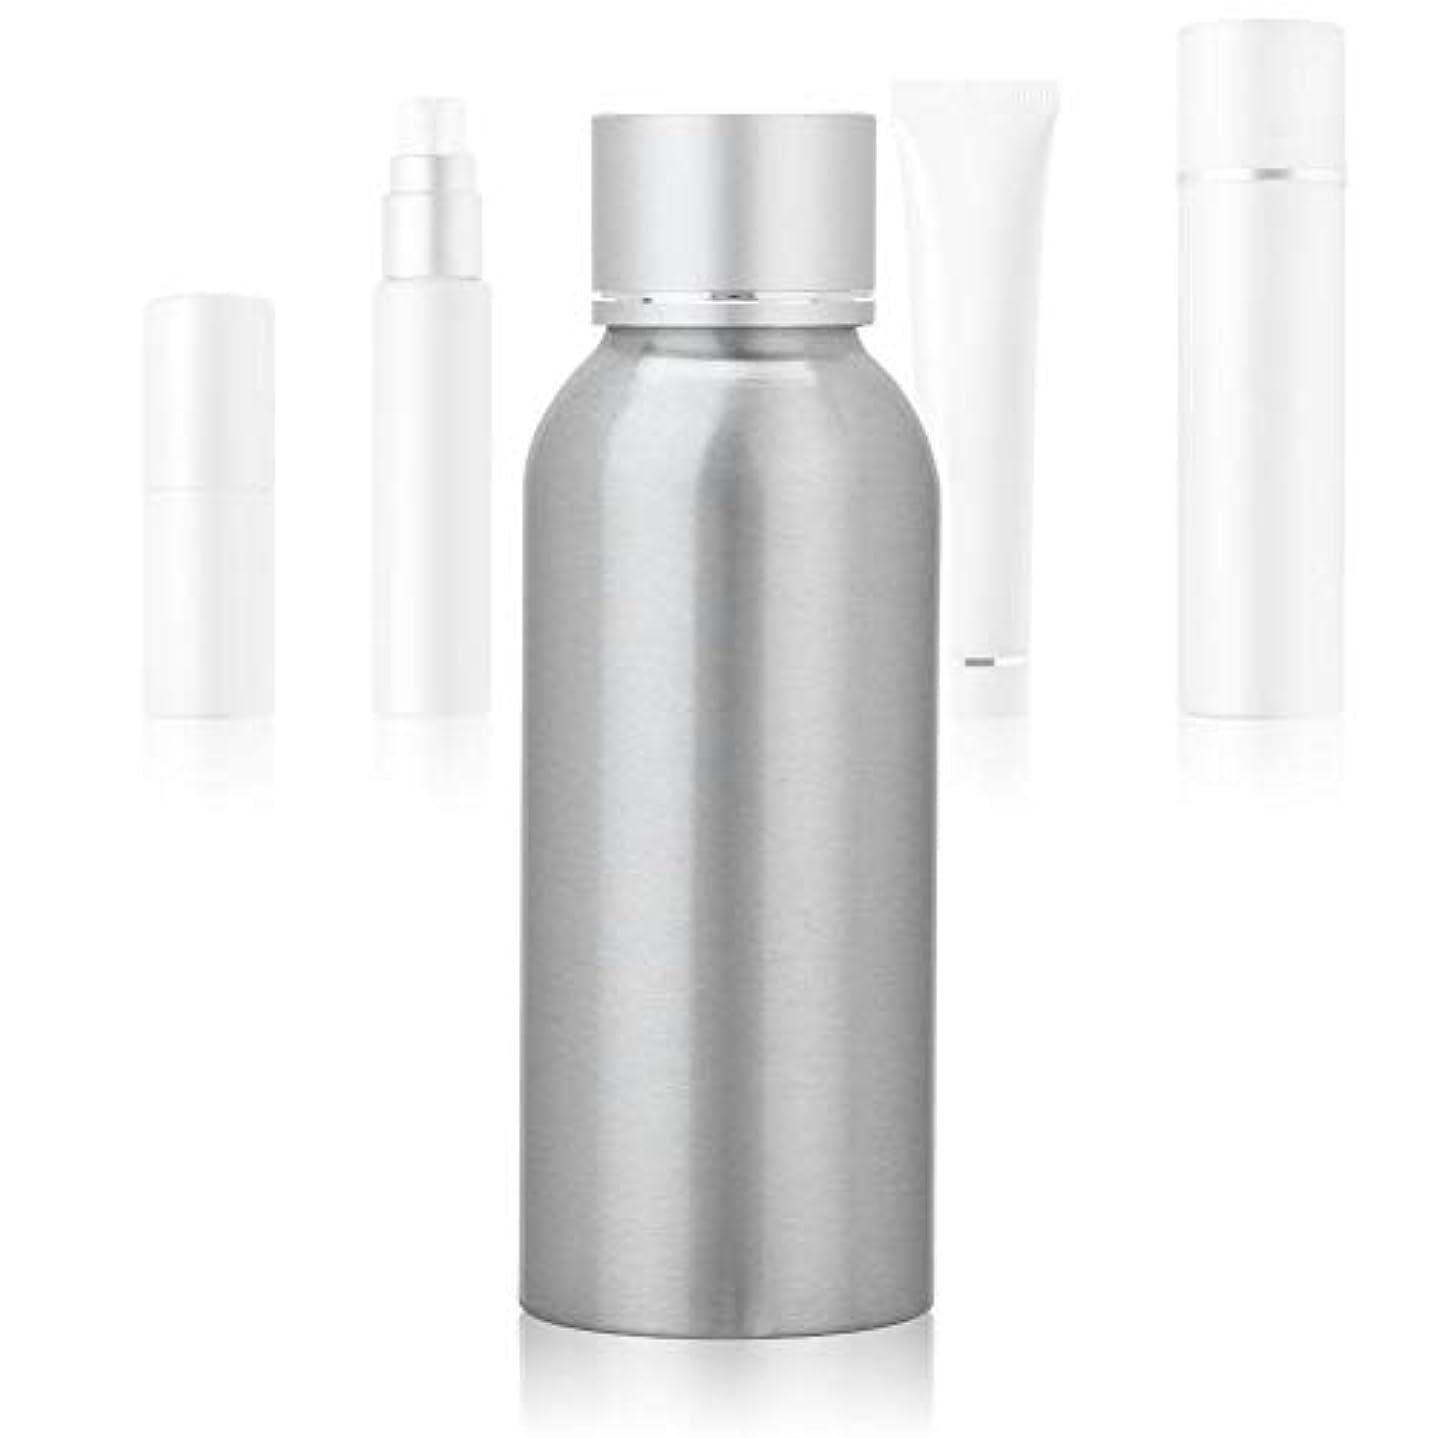 委任する文明化する不機嫌そうな100 MLアジア銀陽極酸化アルミニウム 空の化粧品ボトル ポータブルDIY スキンケア 製品トナーコンテナーボトル